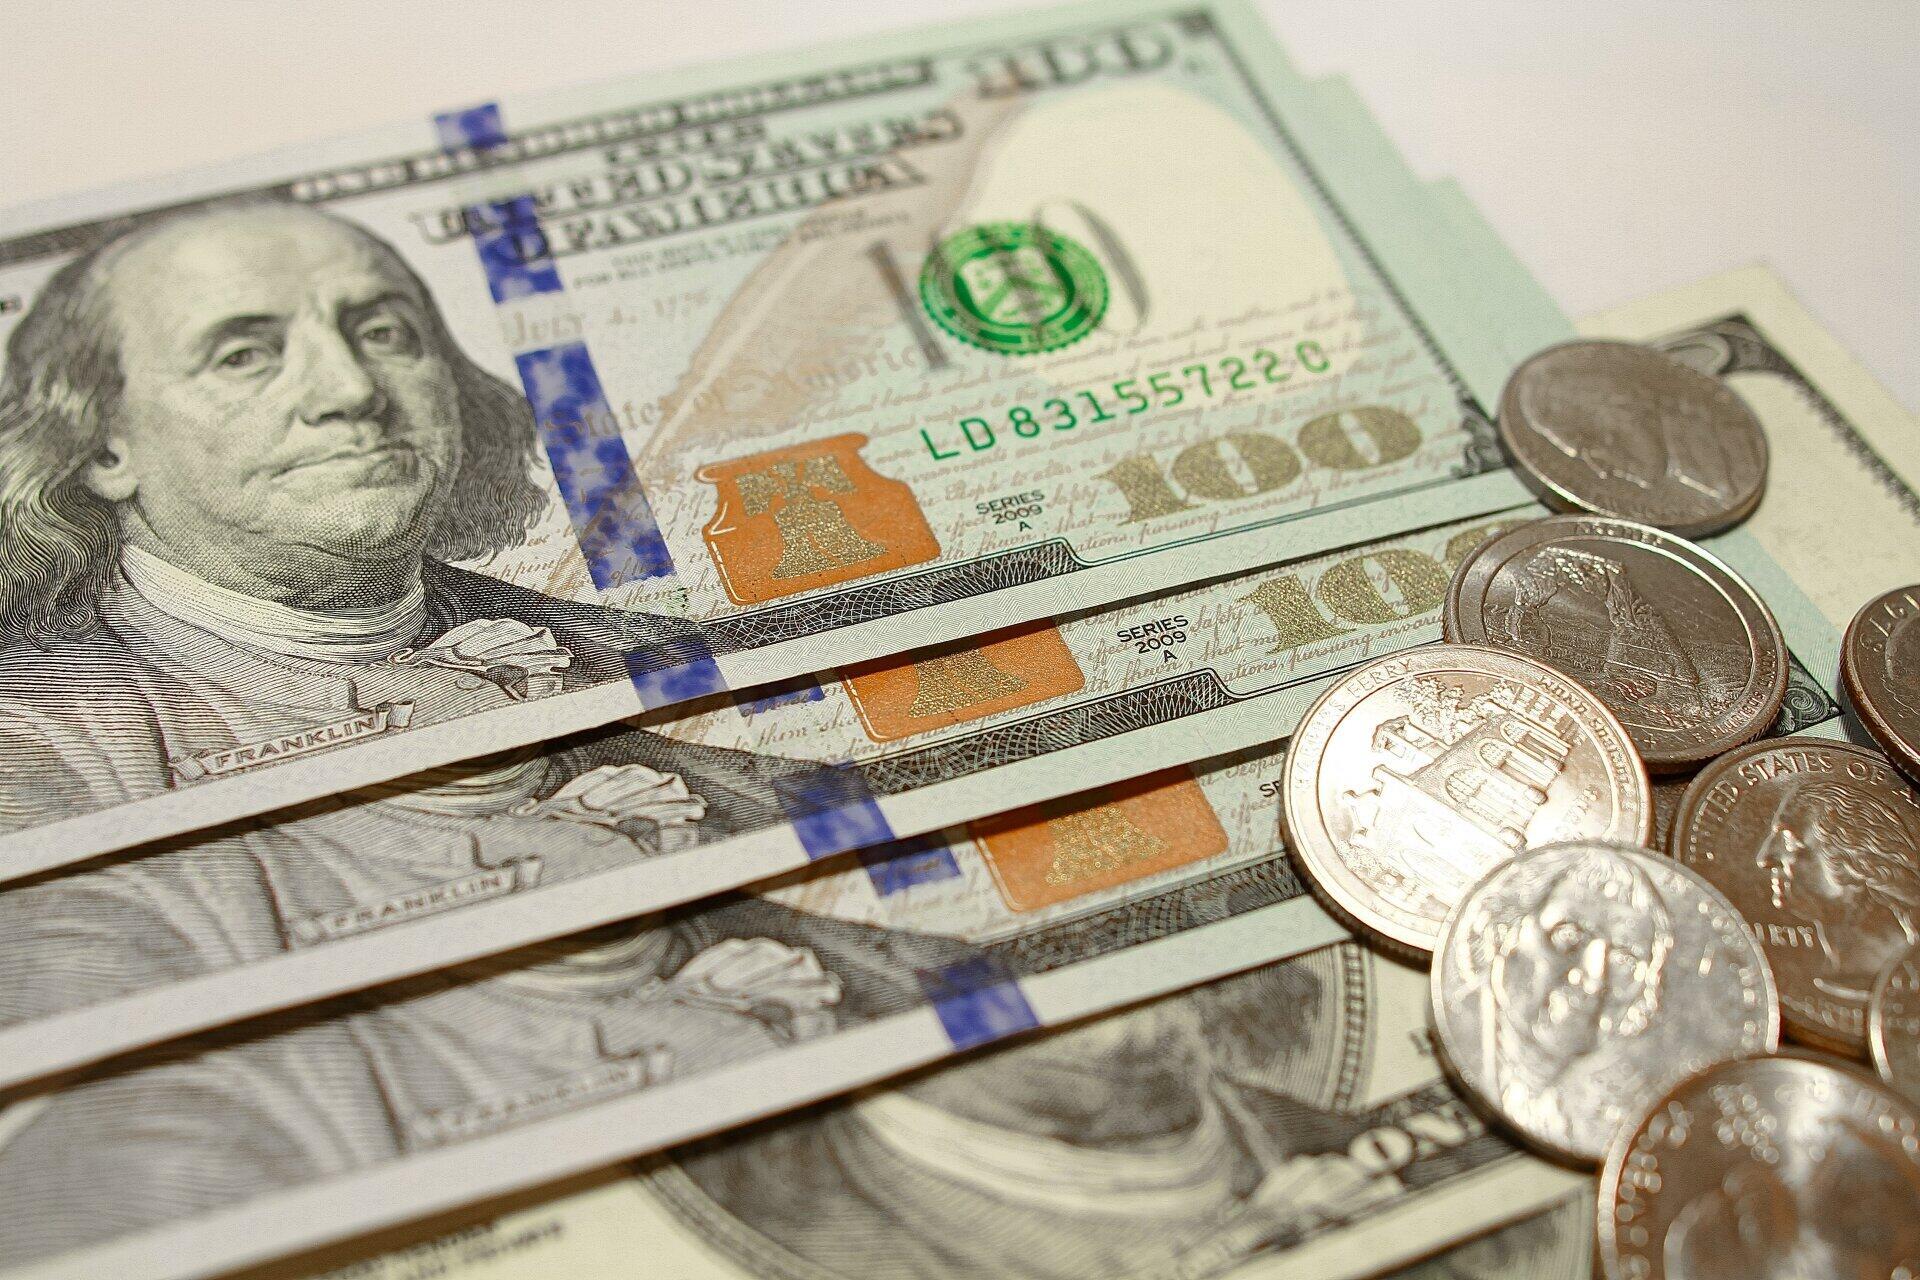 【株と為替 今週のねらい目】米国経済V字回復の期待「後退」でドル安、株価はこの「逆境」を跳ね返せるか!?(6月15日~19日)